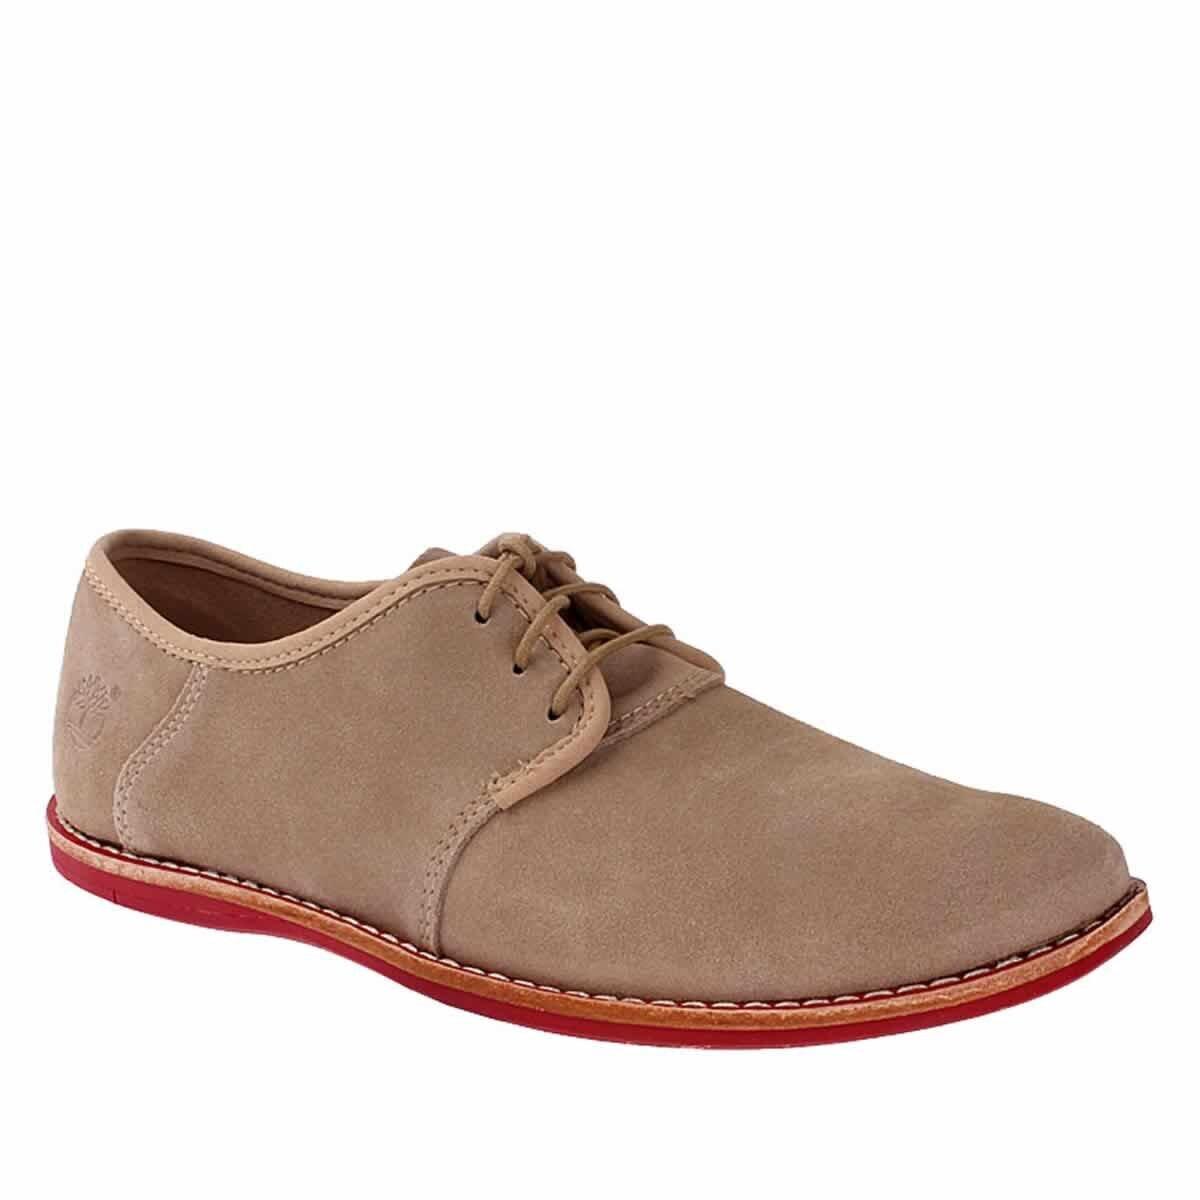 RENKSIZ Erkek Oxford Ayakkabı 1TIM20152680